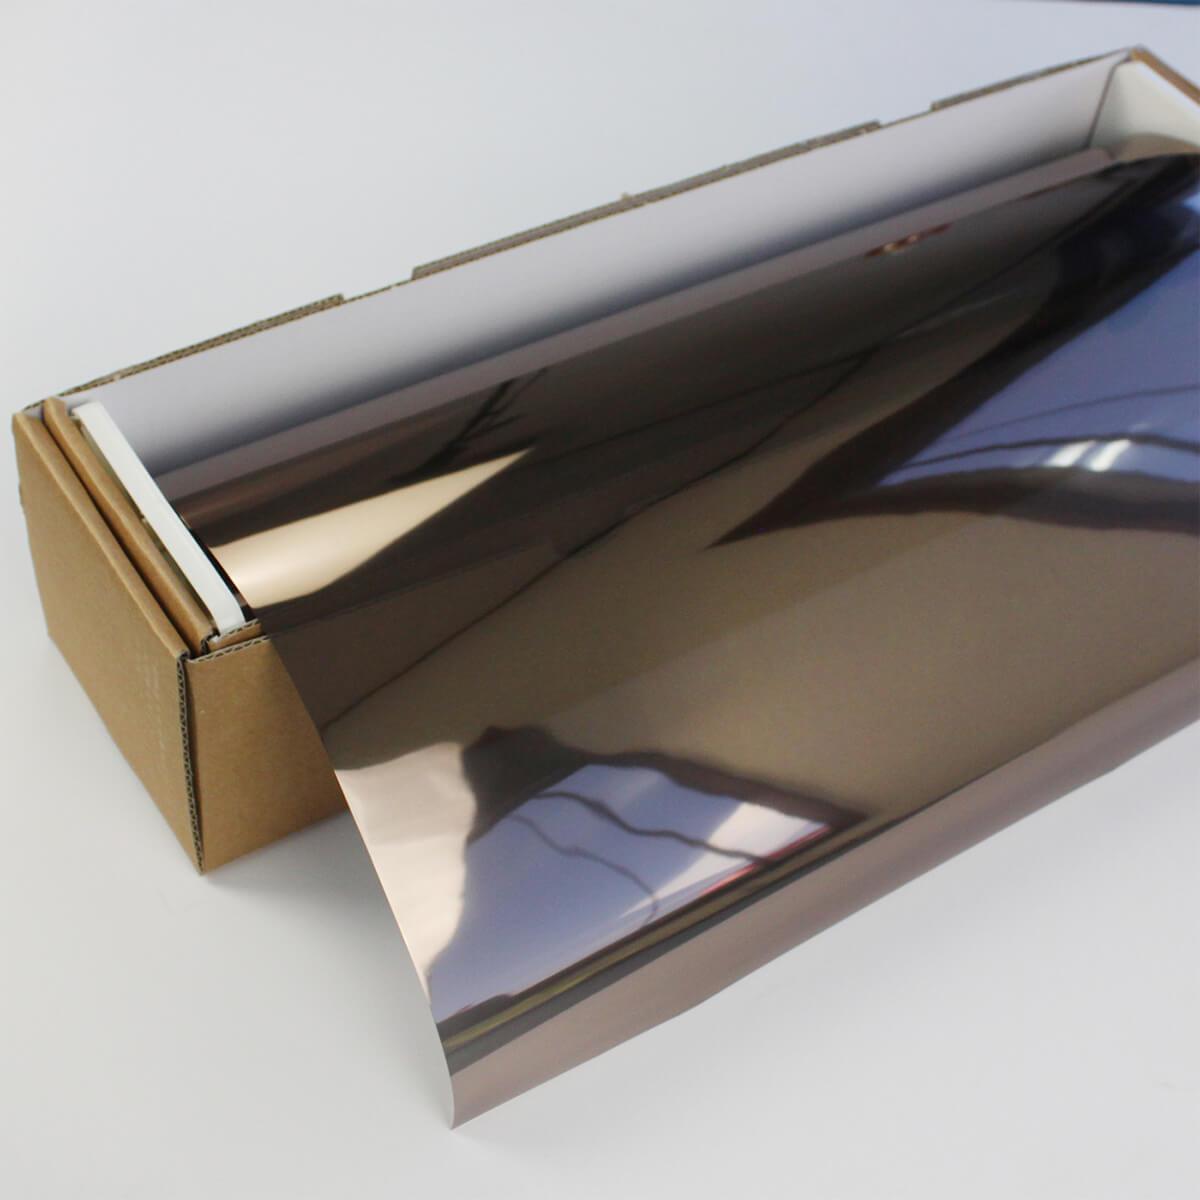 ウィンドウフィルム 窓ガラスフィルム SPブロンズメタル20(22%) 50cm幅×30mロール箱売 ミラーフィルム 遮熱フィルム 断熱フィルム UVカットフィルム ブレインテック Braintec